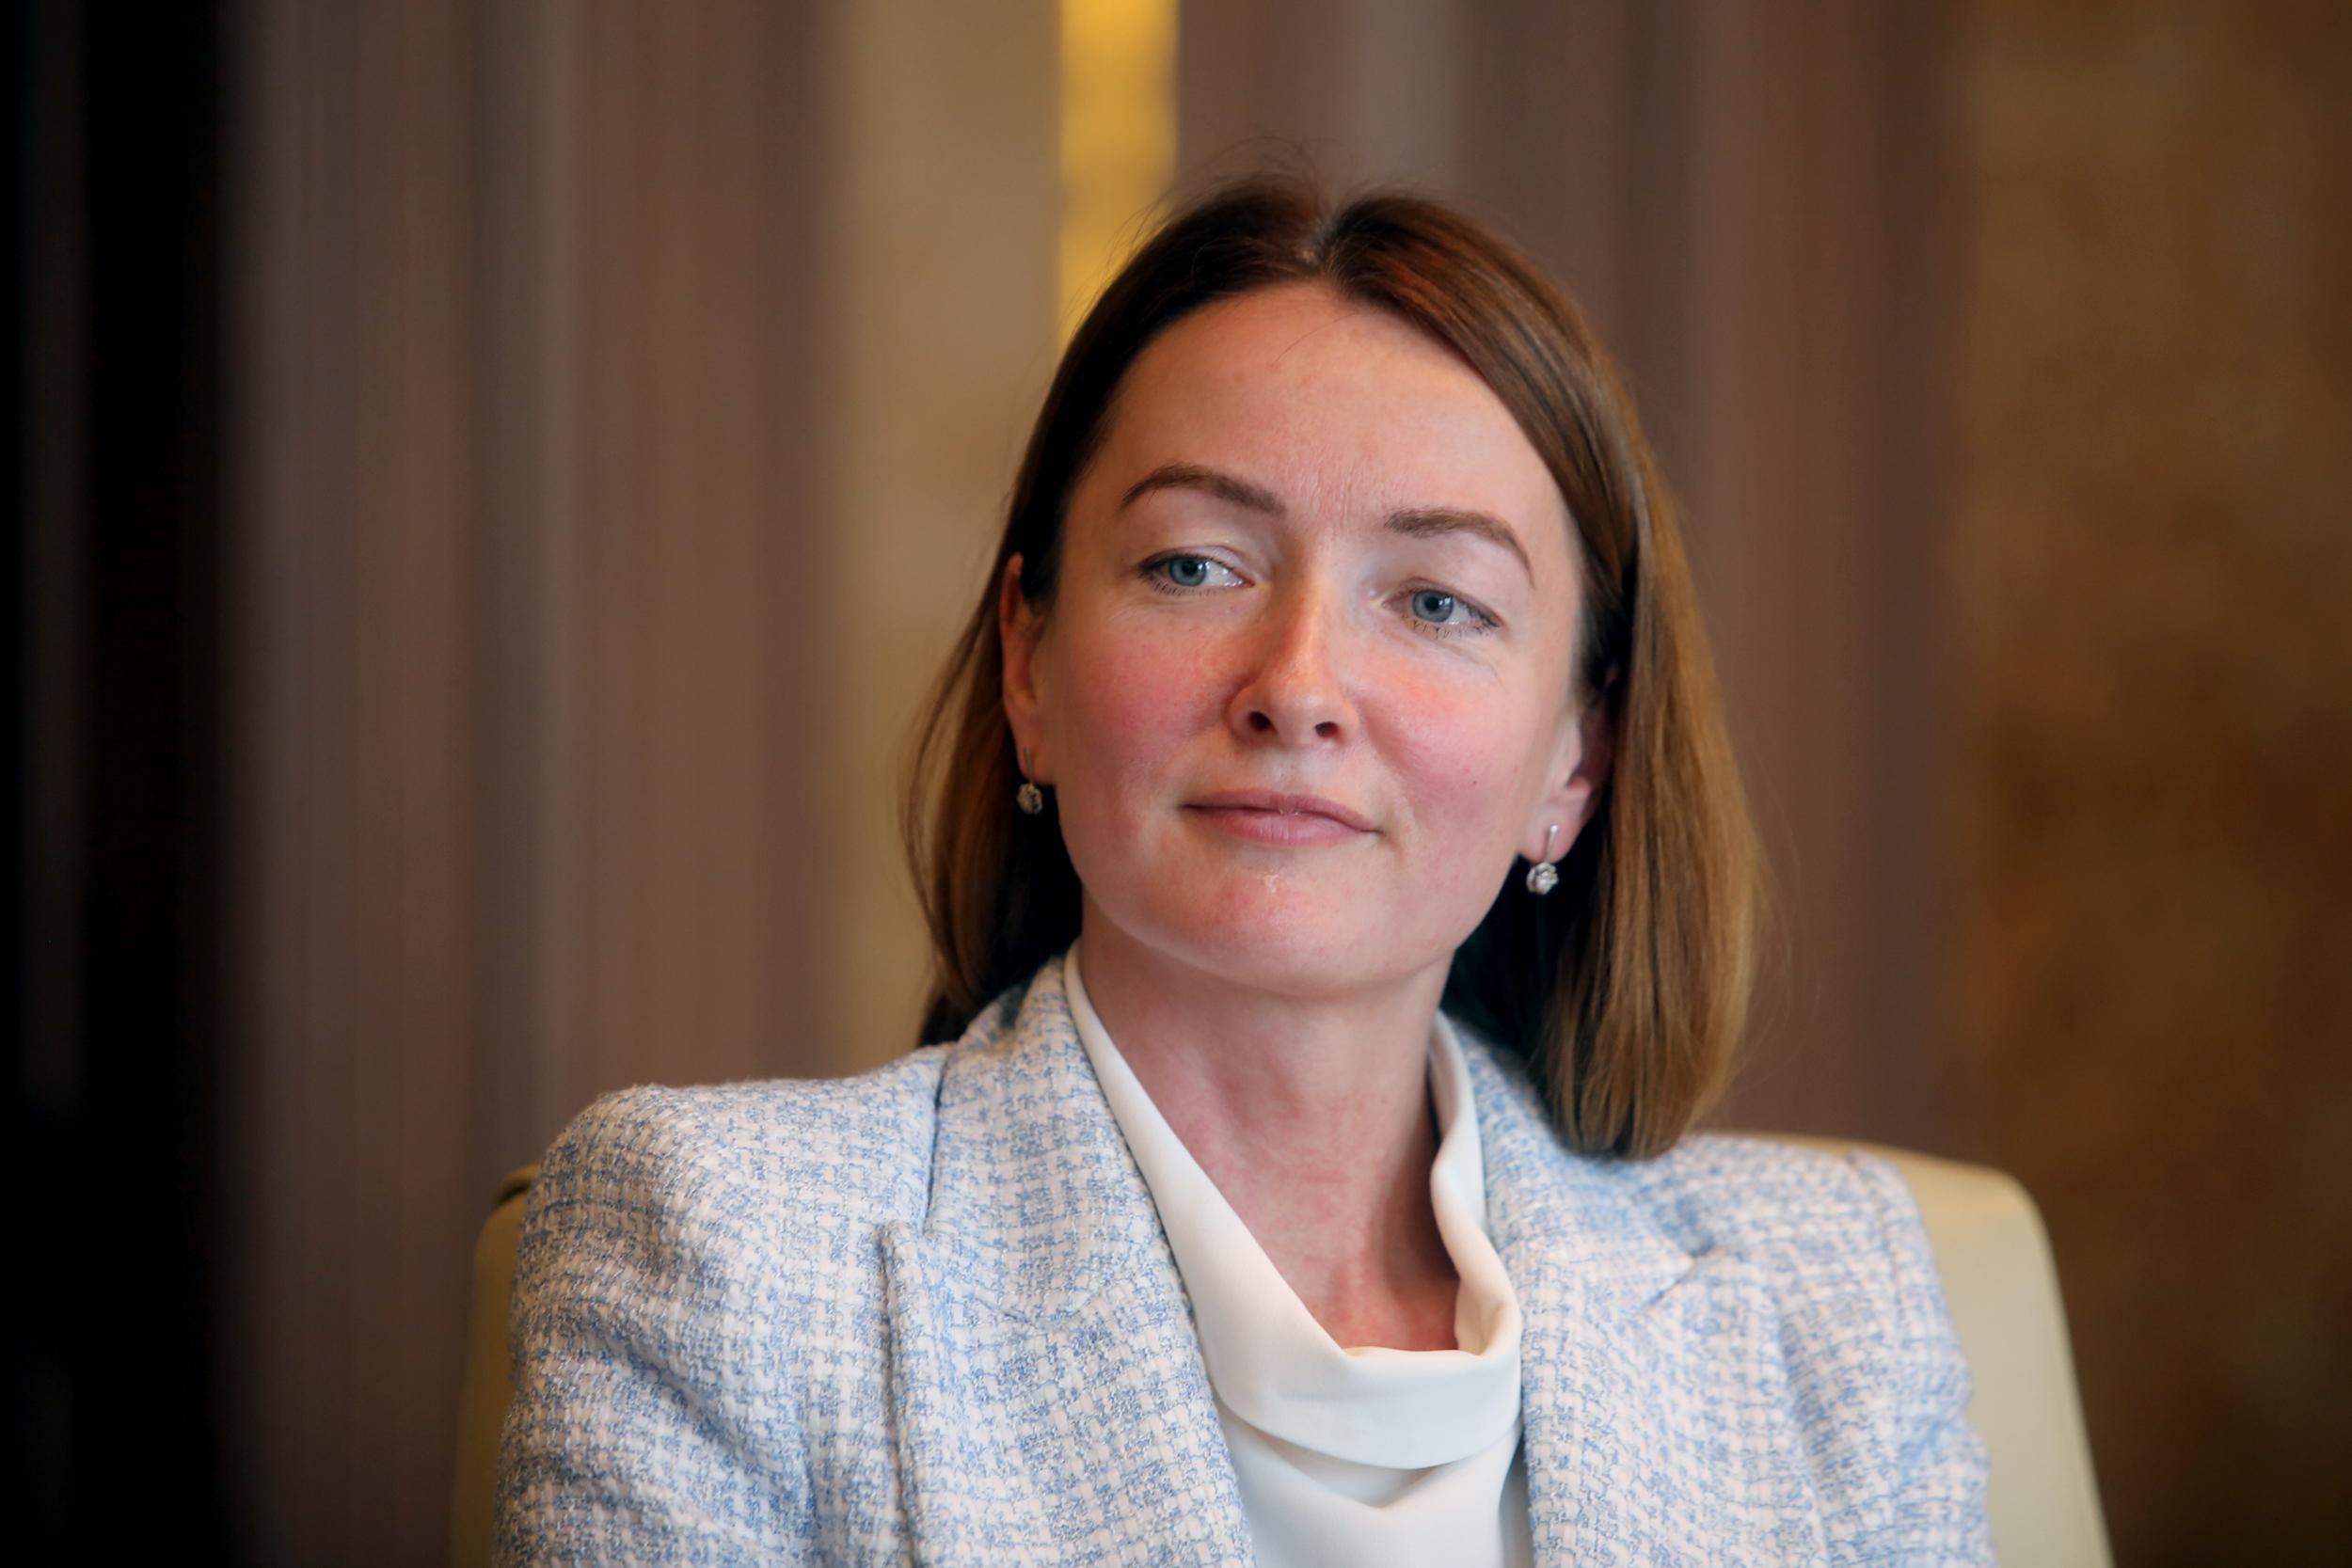 Ирина Петрова, управляющий директор группы ипотечного кредитования и расчетов по сделкам с недвижимостью Департамента продуктов ПАО «Банк «Санкт-Петербург»